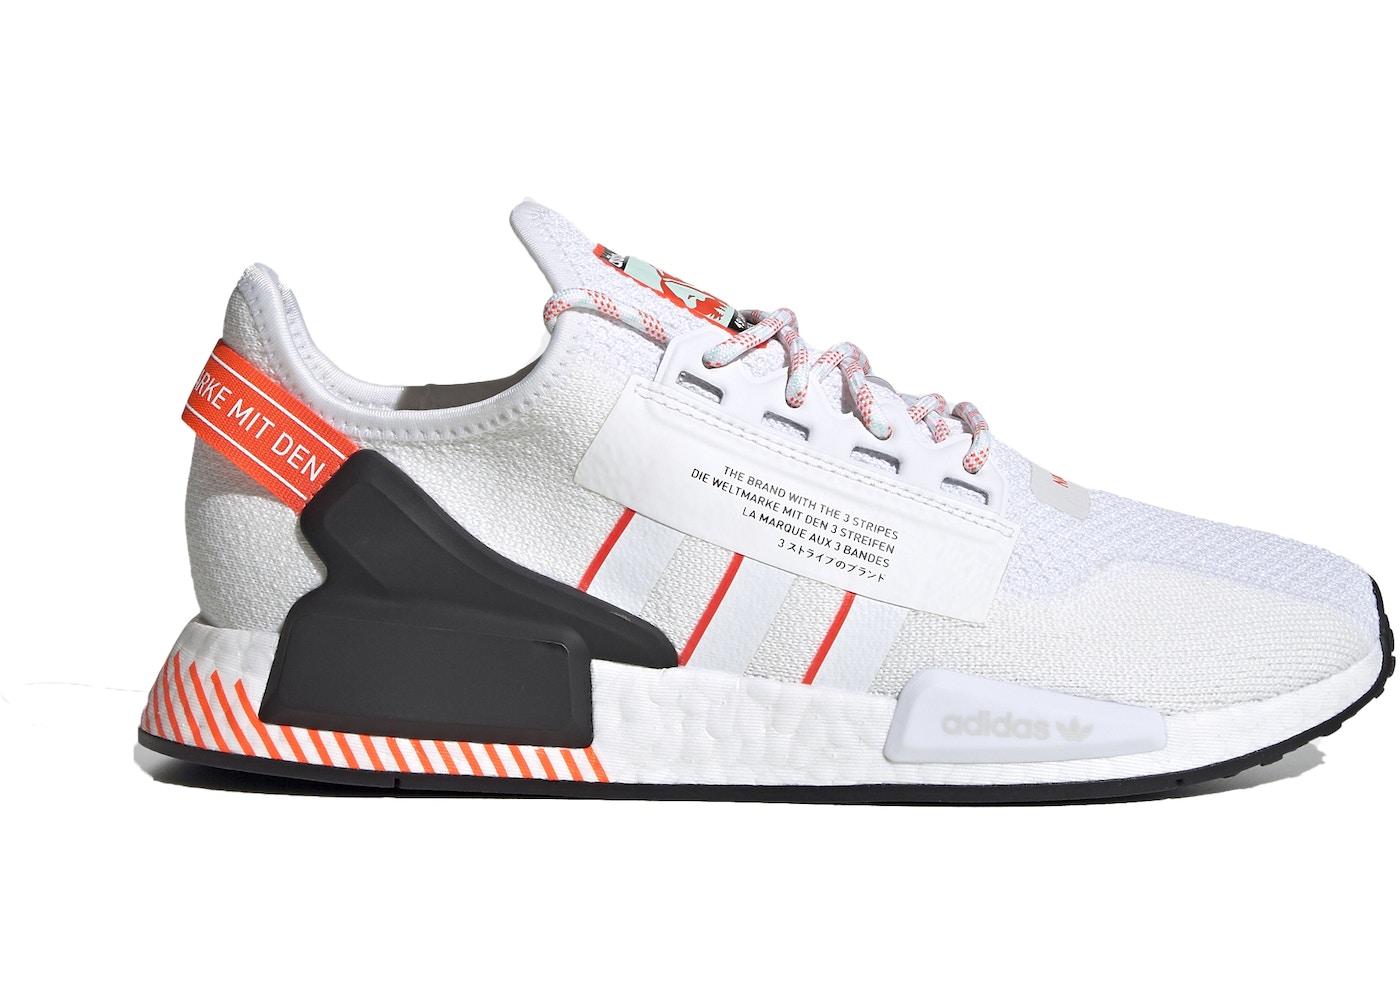 Adidas Nmd R1 V2 Cloud White Fw6410